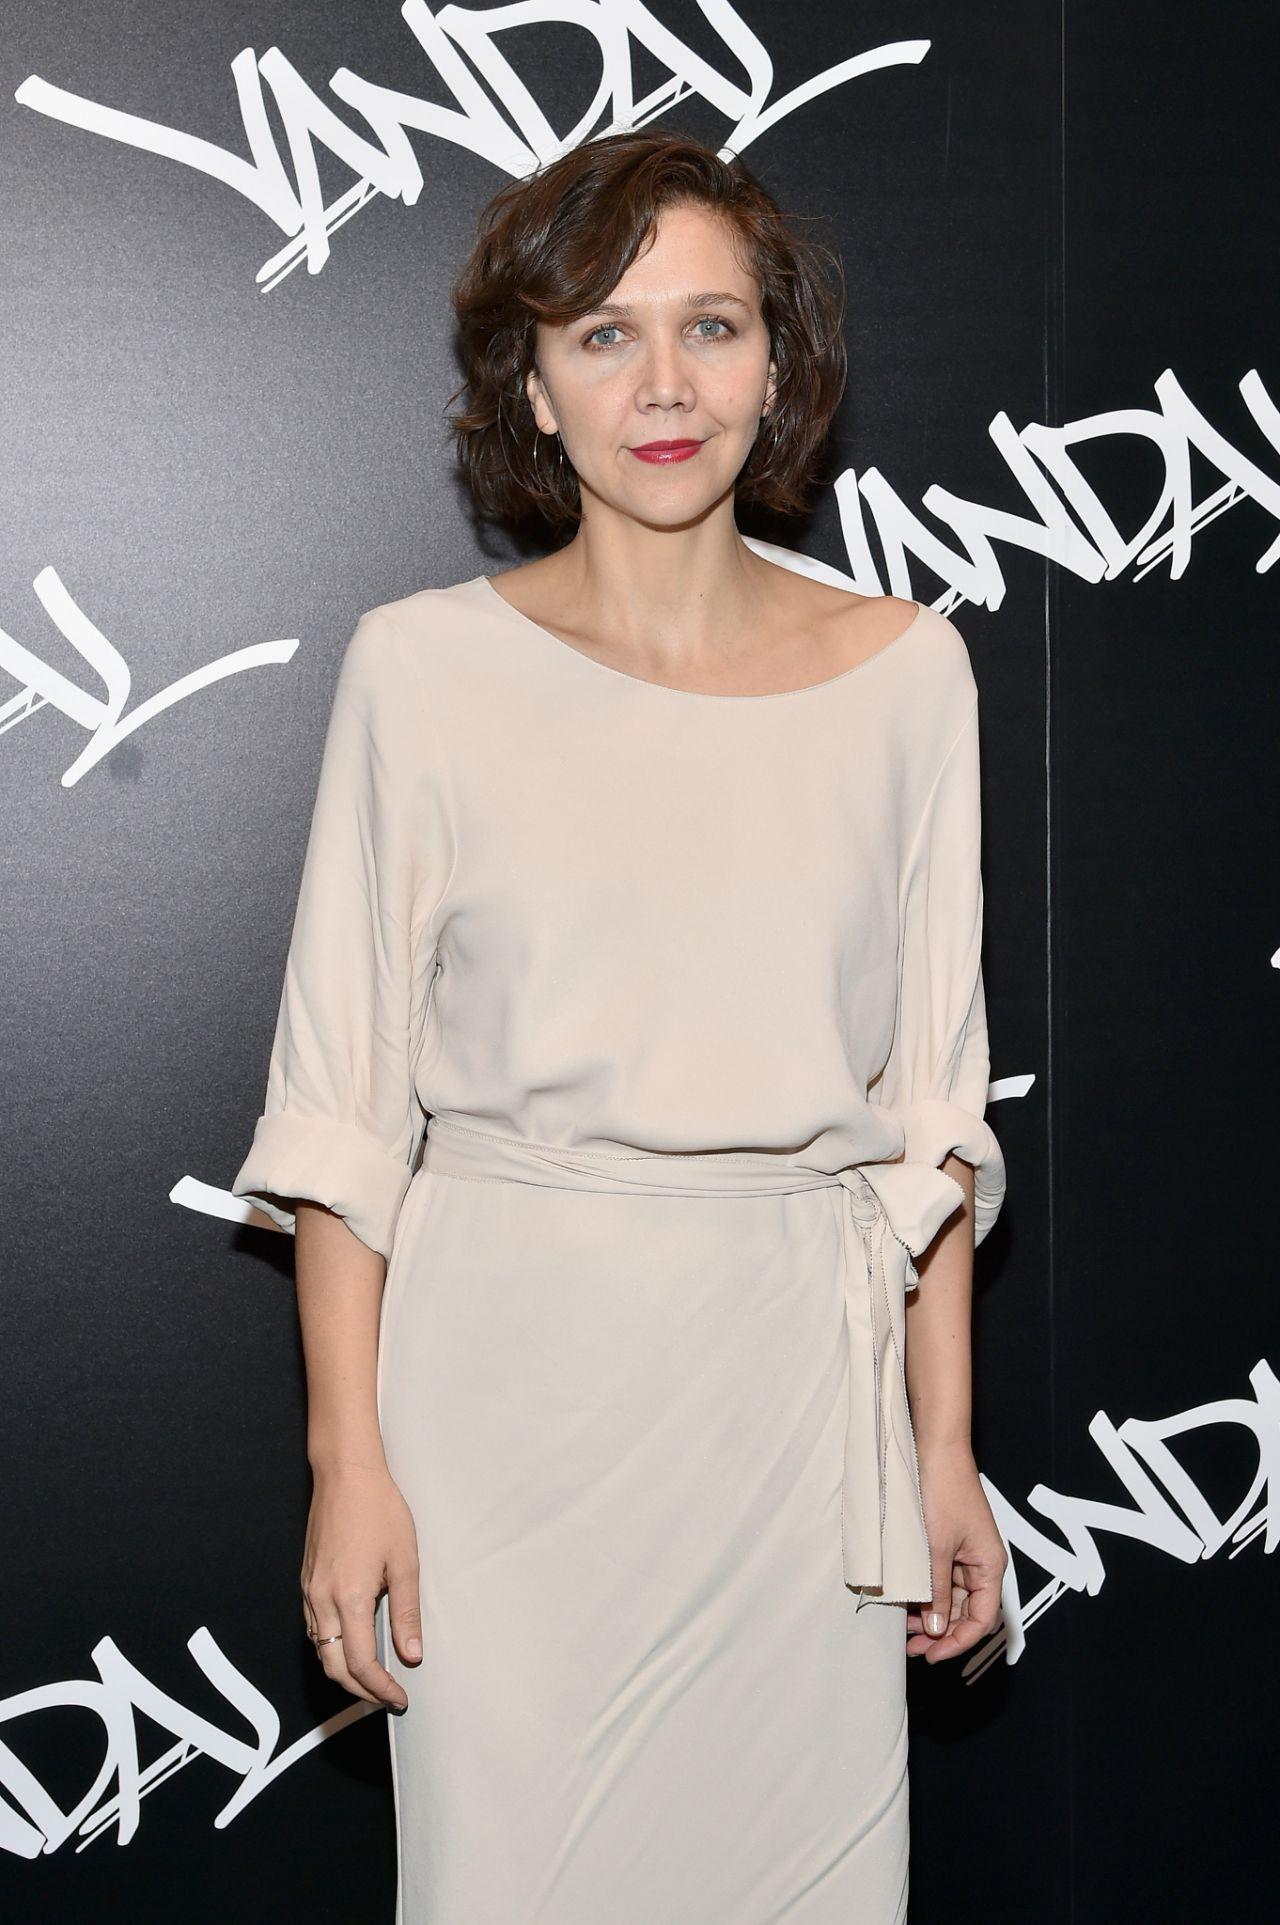 Maggie Gyllenhaal - VANDAL Grand Opening in New York City ... Maggie Gyllenhaal